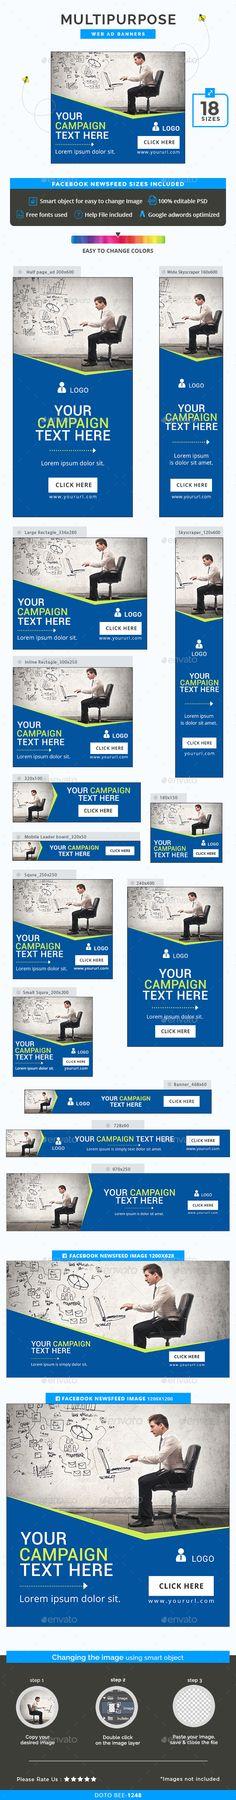 Social Media Marketing Flyer Templates Marketing flyers, Flyer - promotional flyer template